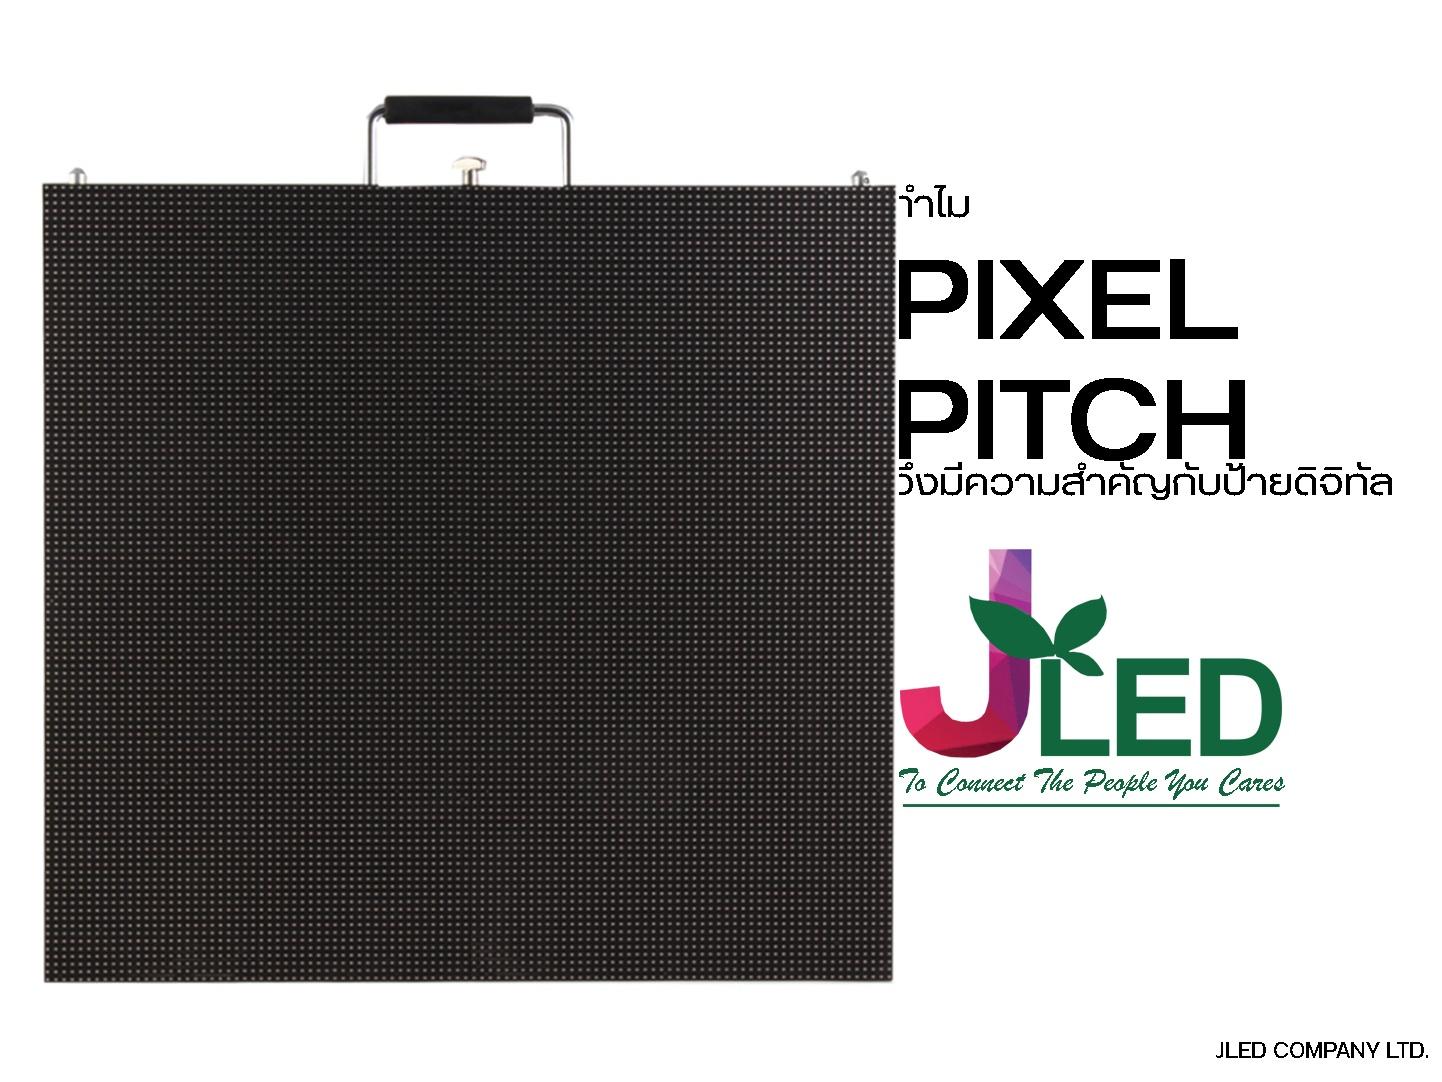 ทำไม PIXEL PITCH จึงมีความสำคัญกับป้ายดิจิทัล